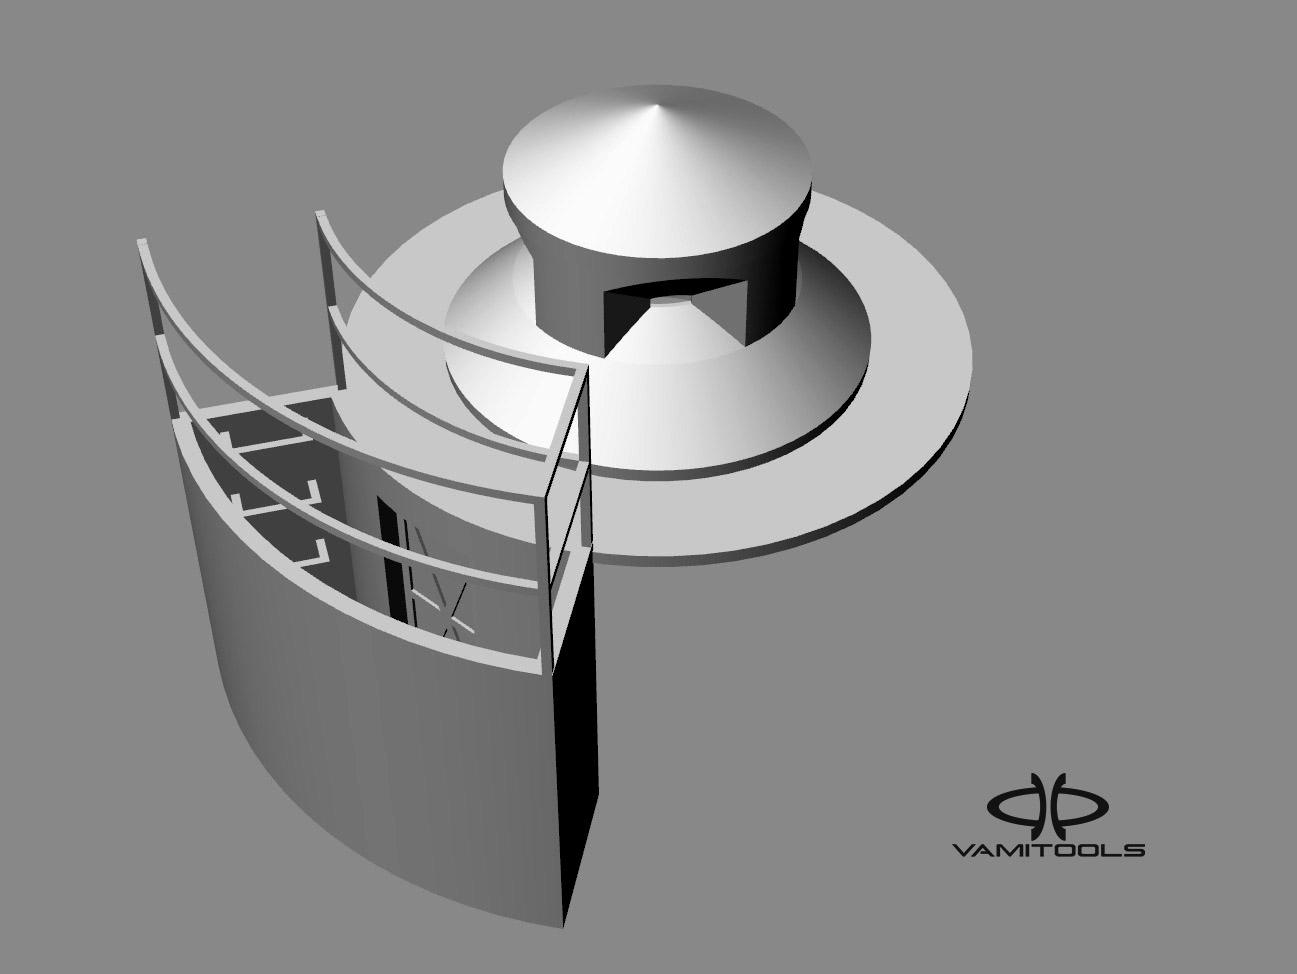 kárfigyelő, bunker, beton bunker, vasúti kárfigyelő, katonai kárfigyelő, katonai bunker, katonai beton bunker, terepasztal, dioráma, H0 kárfigyelő, H0 bunker, H0 beton bunker, H0 vasúti kárfigyelő, H0 katonai kárfigyelő, H0 katonai bunker, H0 katonai beton bunker, H0 terepasztal, H0 dioráma, 1:87 kárfigyelő, 1:87 bunker, 1:87 beton bunker, 1:87 vasúti kárfigyelő, 1:87 katonai kárfigyelő, 1:87 katonai bunker, 1:87 katonai beton bunker, 1:87 terepasztal, 1:87 dioráma, TT kárfigyelő, TT bunker, TT beton bunker, TT vasúti kárfigyelő, TT katonai kárfigyelő, TT katonai bunker, TT katonai beton bunker, TT terepasztal, TT dioráma, 1:120 kárfigyelő, 1:120 bunker, 1:120 beton bunker, 1:120 vasúti kárfigyelő, 1:120 katonai kárfigyelő, 1:120 katonai bunker, 1:120 katonai beton bunker, 1:120 terepasztal, 1:120 dioráma, N kárfigyelő, N bunker, N beton bunker, N vasúti kárfigyelő, N katonai kárfigyelő, N katonai bunker, N katonai beton bunker, N terepasztal, N dioráma, 1:160 kárfigyelő, 1:160 bunker, 1:160 beton bunker, 1:160 vasúti kárfigyelő, 1:160 katonai kárfigyelő, 1:160 katonai bunker, 1:160 katonai beton bunker, 1:160 terepasztal, 1:160 dioráma, modell kárfigyelő, modell bunker, modell beton bunker, modell vasúti kárfigyelő, modell katonai kárfigyelő, modell katonai bunker, modell katonai beton bunker, modell terepasztal, modell dioráma, makett kárfigyelő, makett bunker, makett beton bunker, makett vasúti kárfigyelő, makett katonai kárfigyelő, makett katonai bunker, makett katonai beton bunker, makett terepasztal, makett dioráma